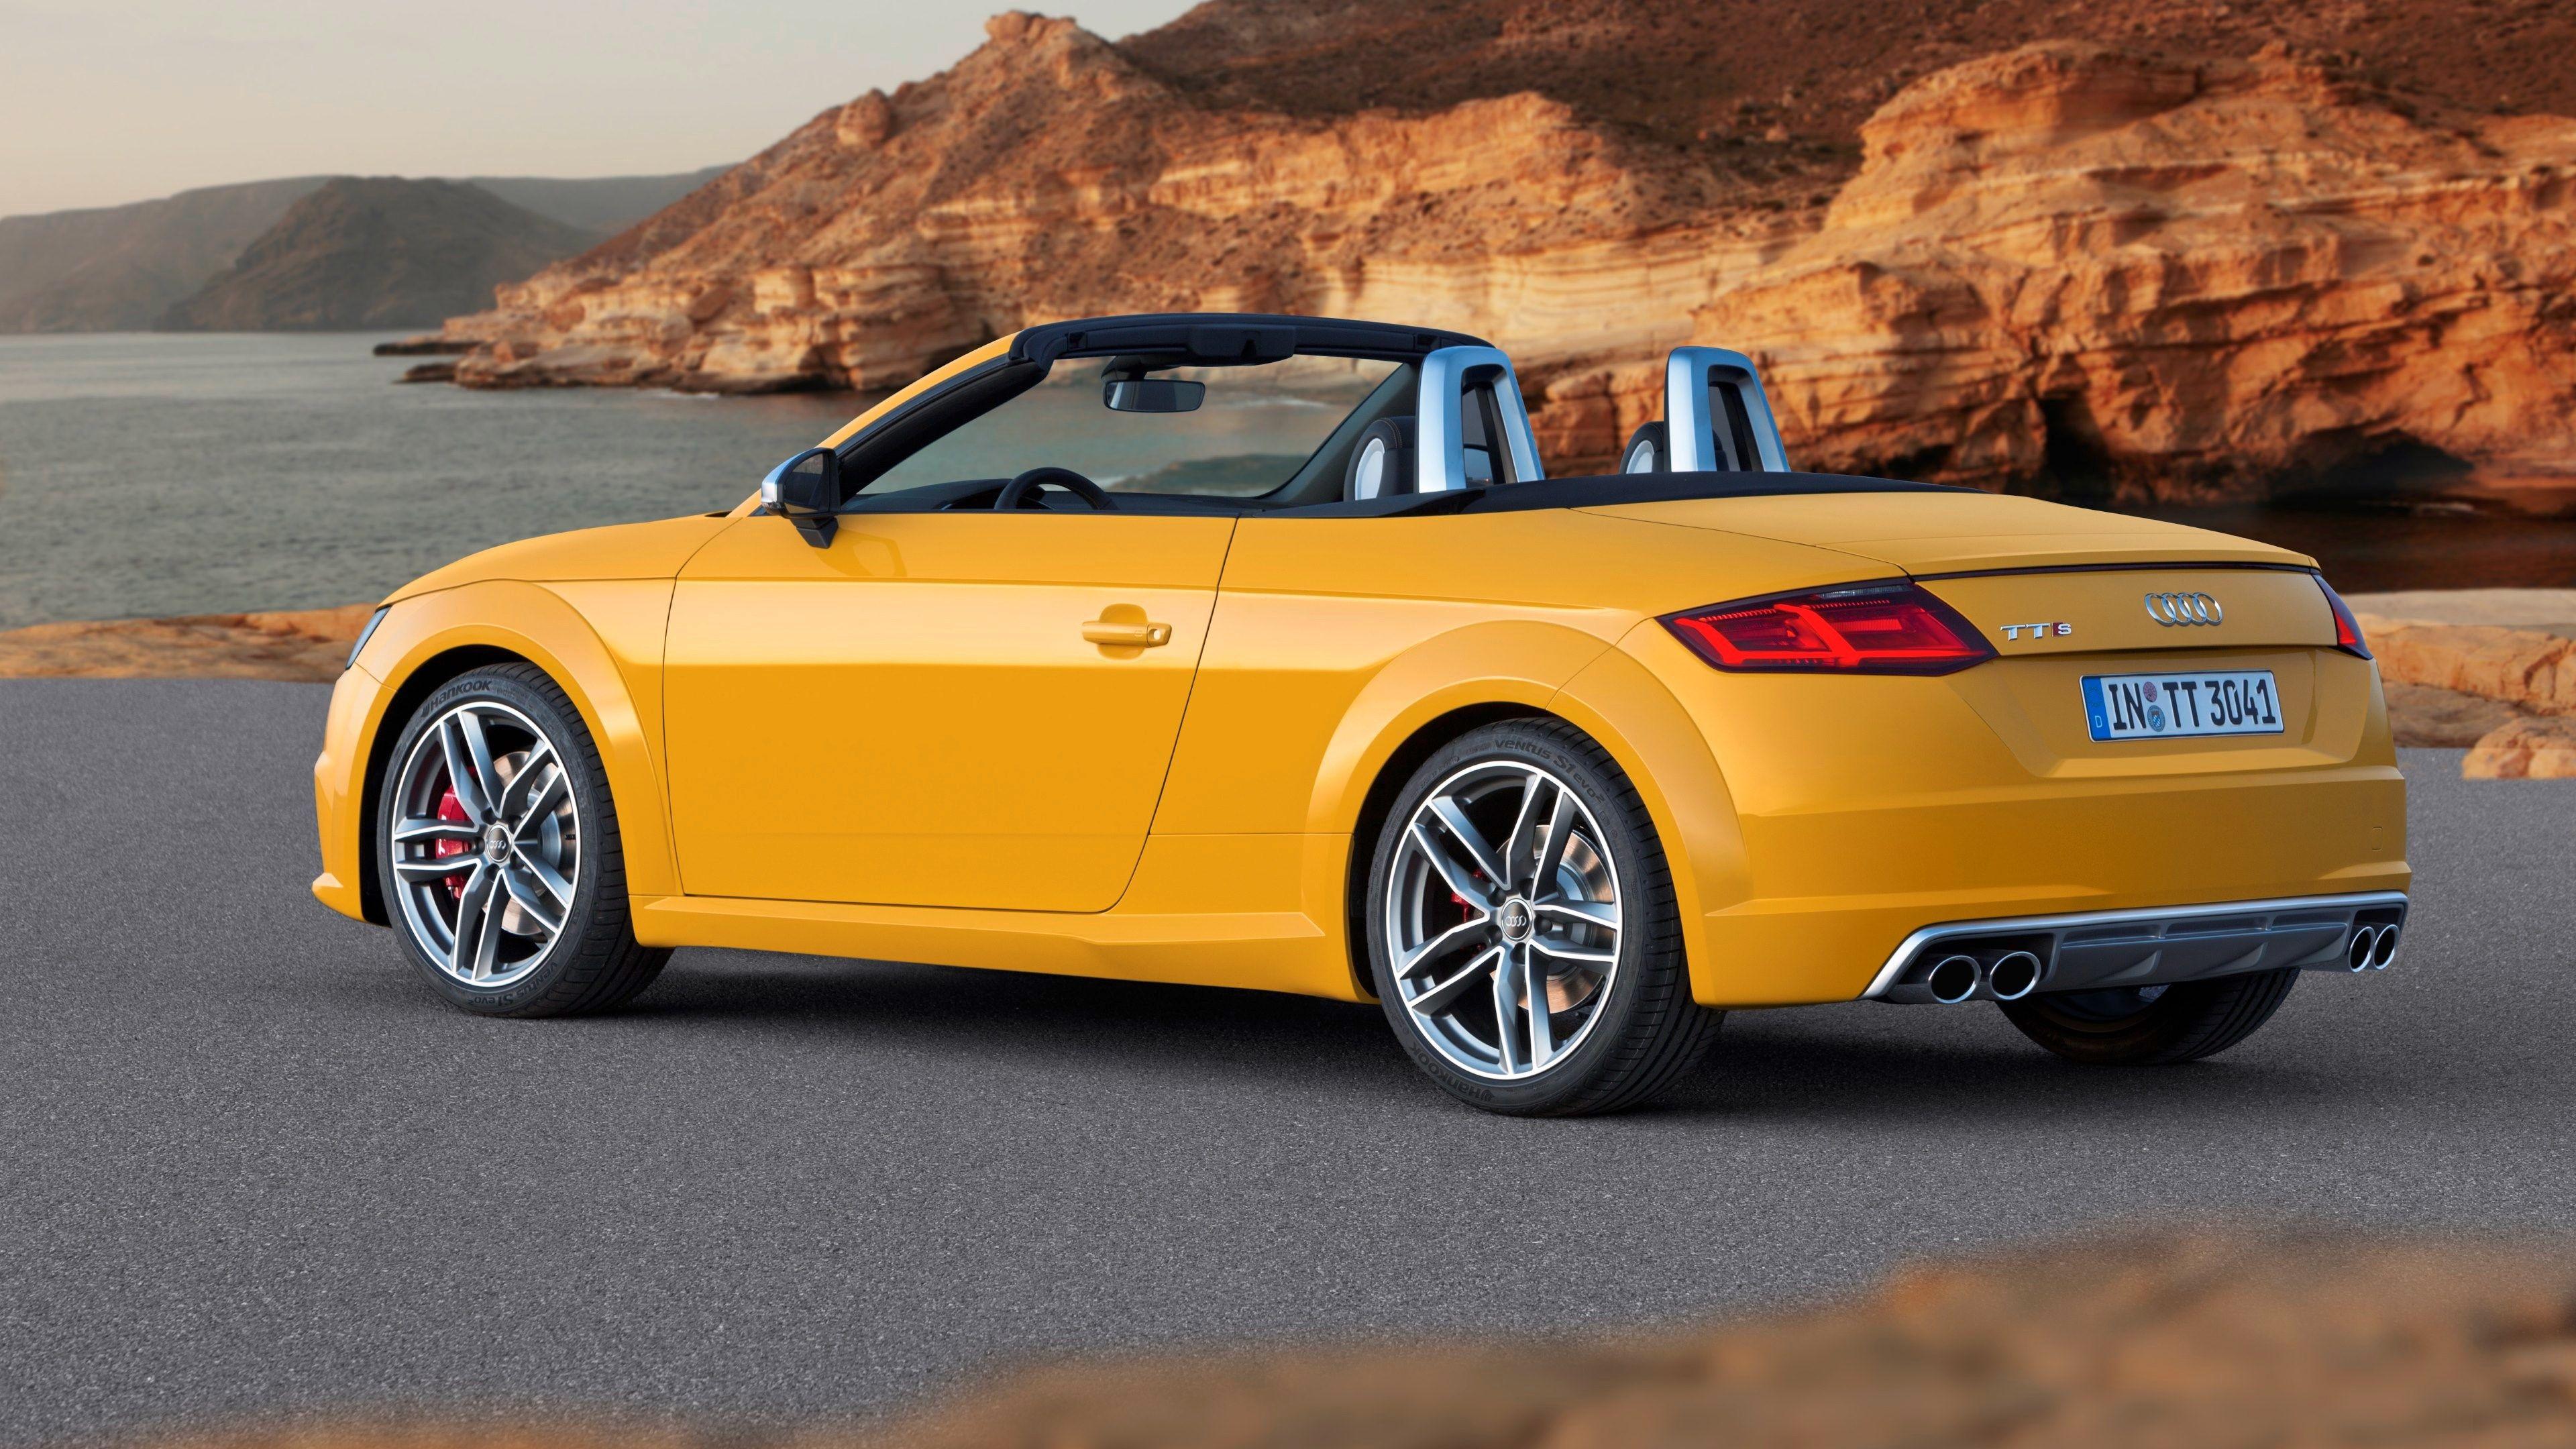 Yellow Audi Tt Convertible Audi Tt Roadster Audi Tt Audi Cars